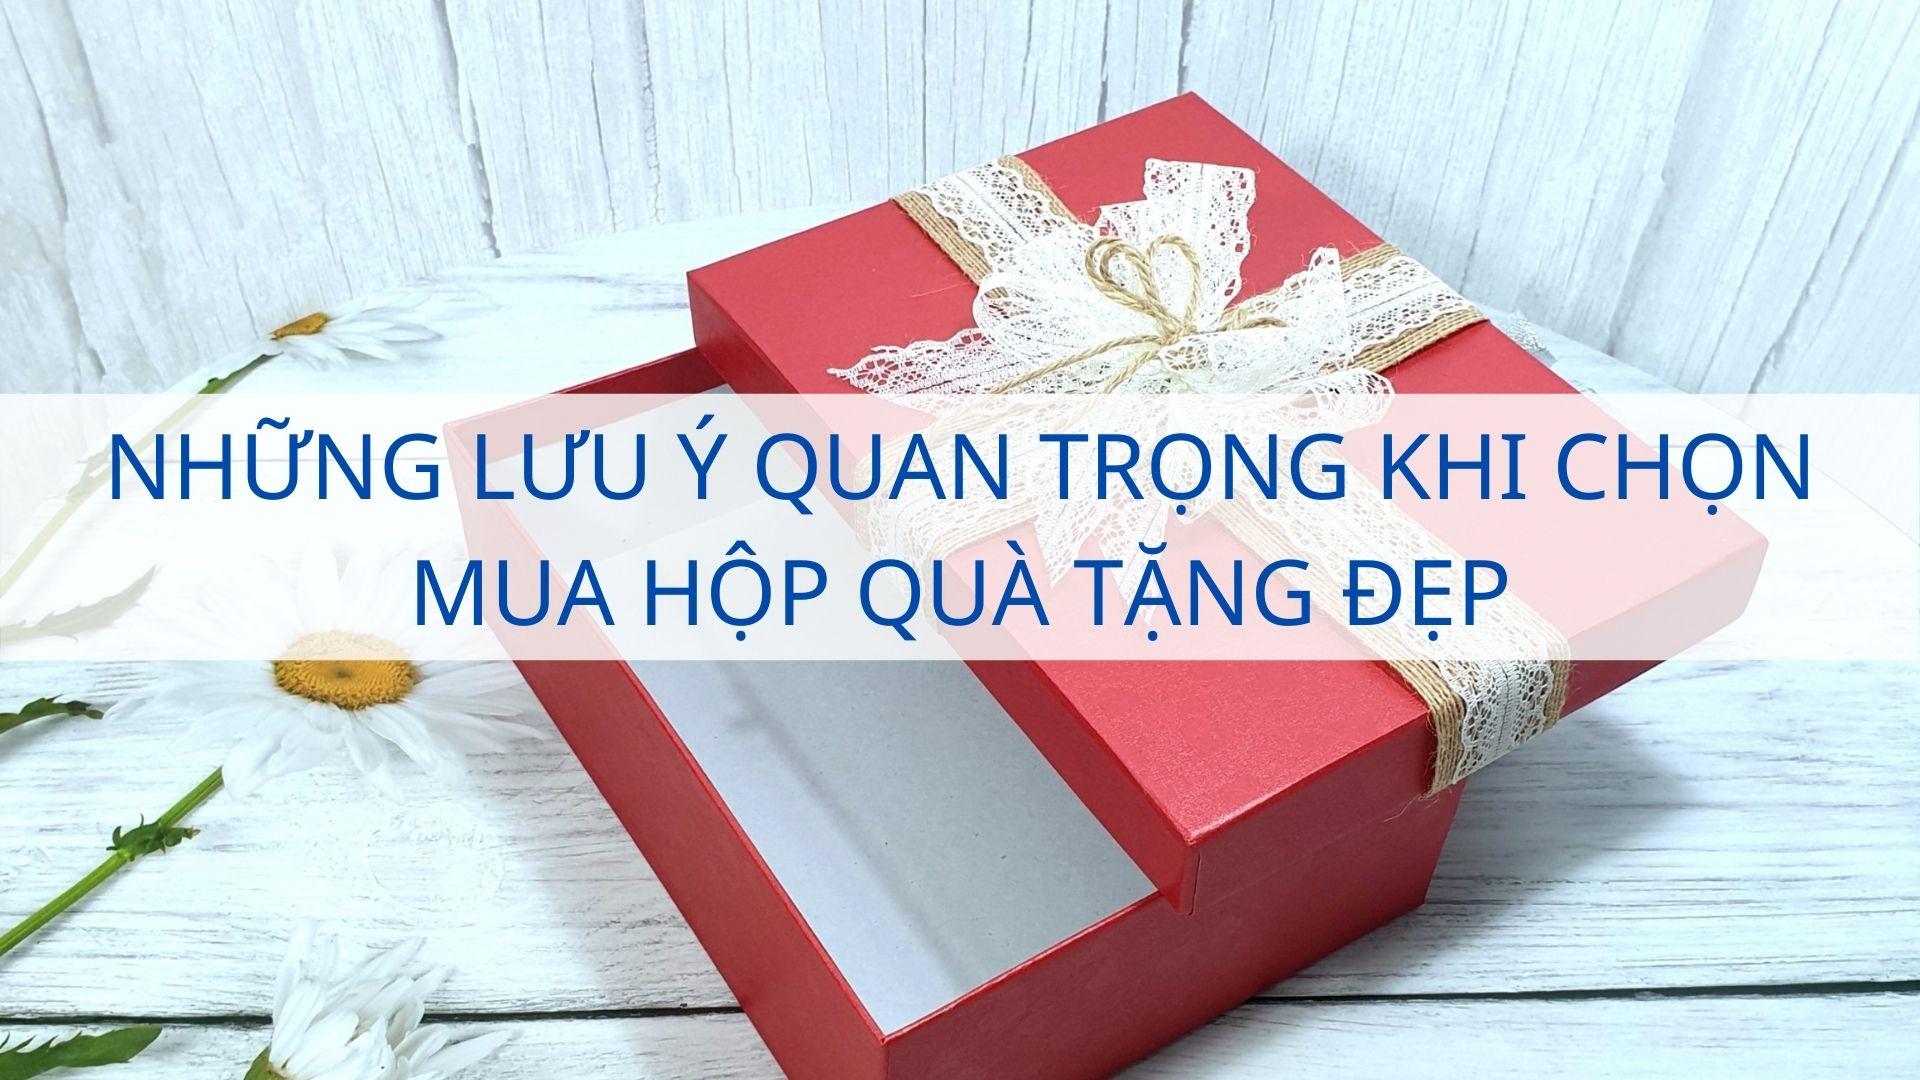 Những lưu ý quan trọng khi chọn mua hộp quà tặng đẹp